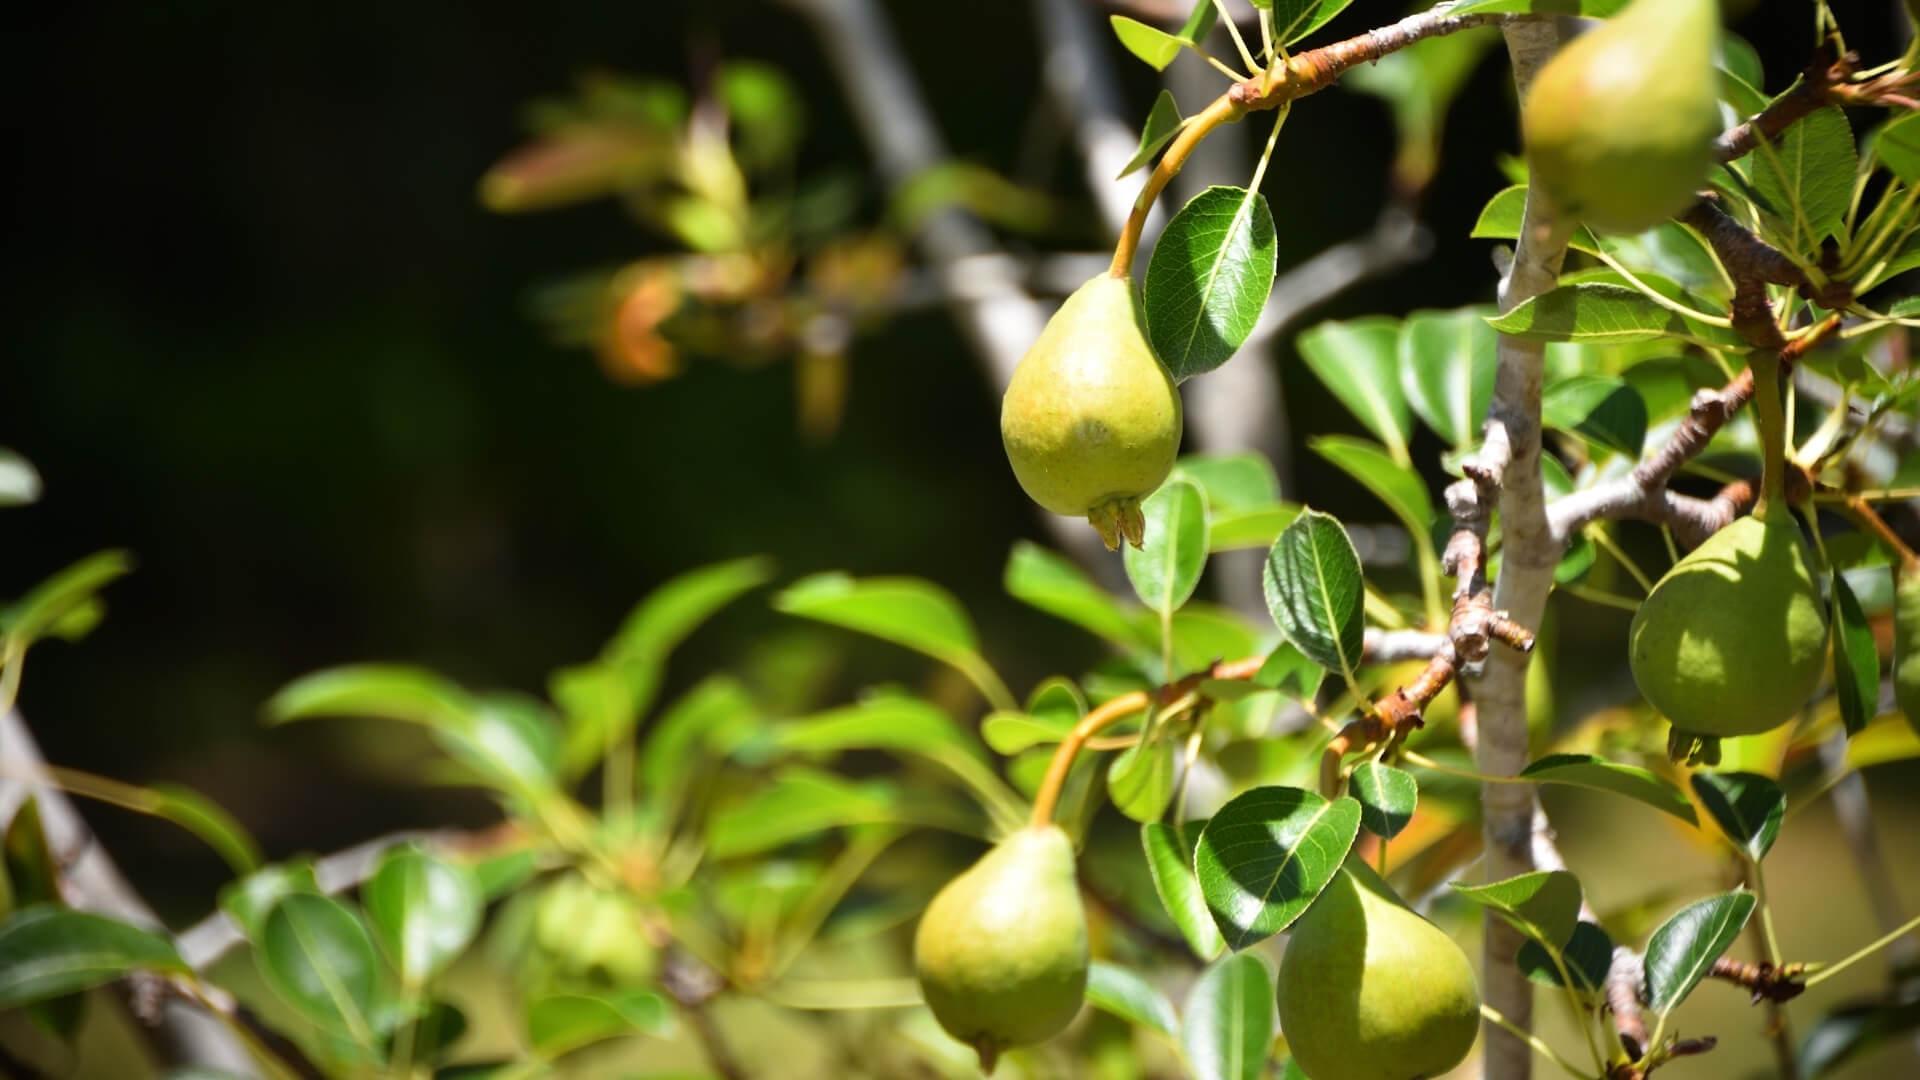 maturazione delle pere, frutto climaterico